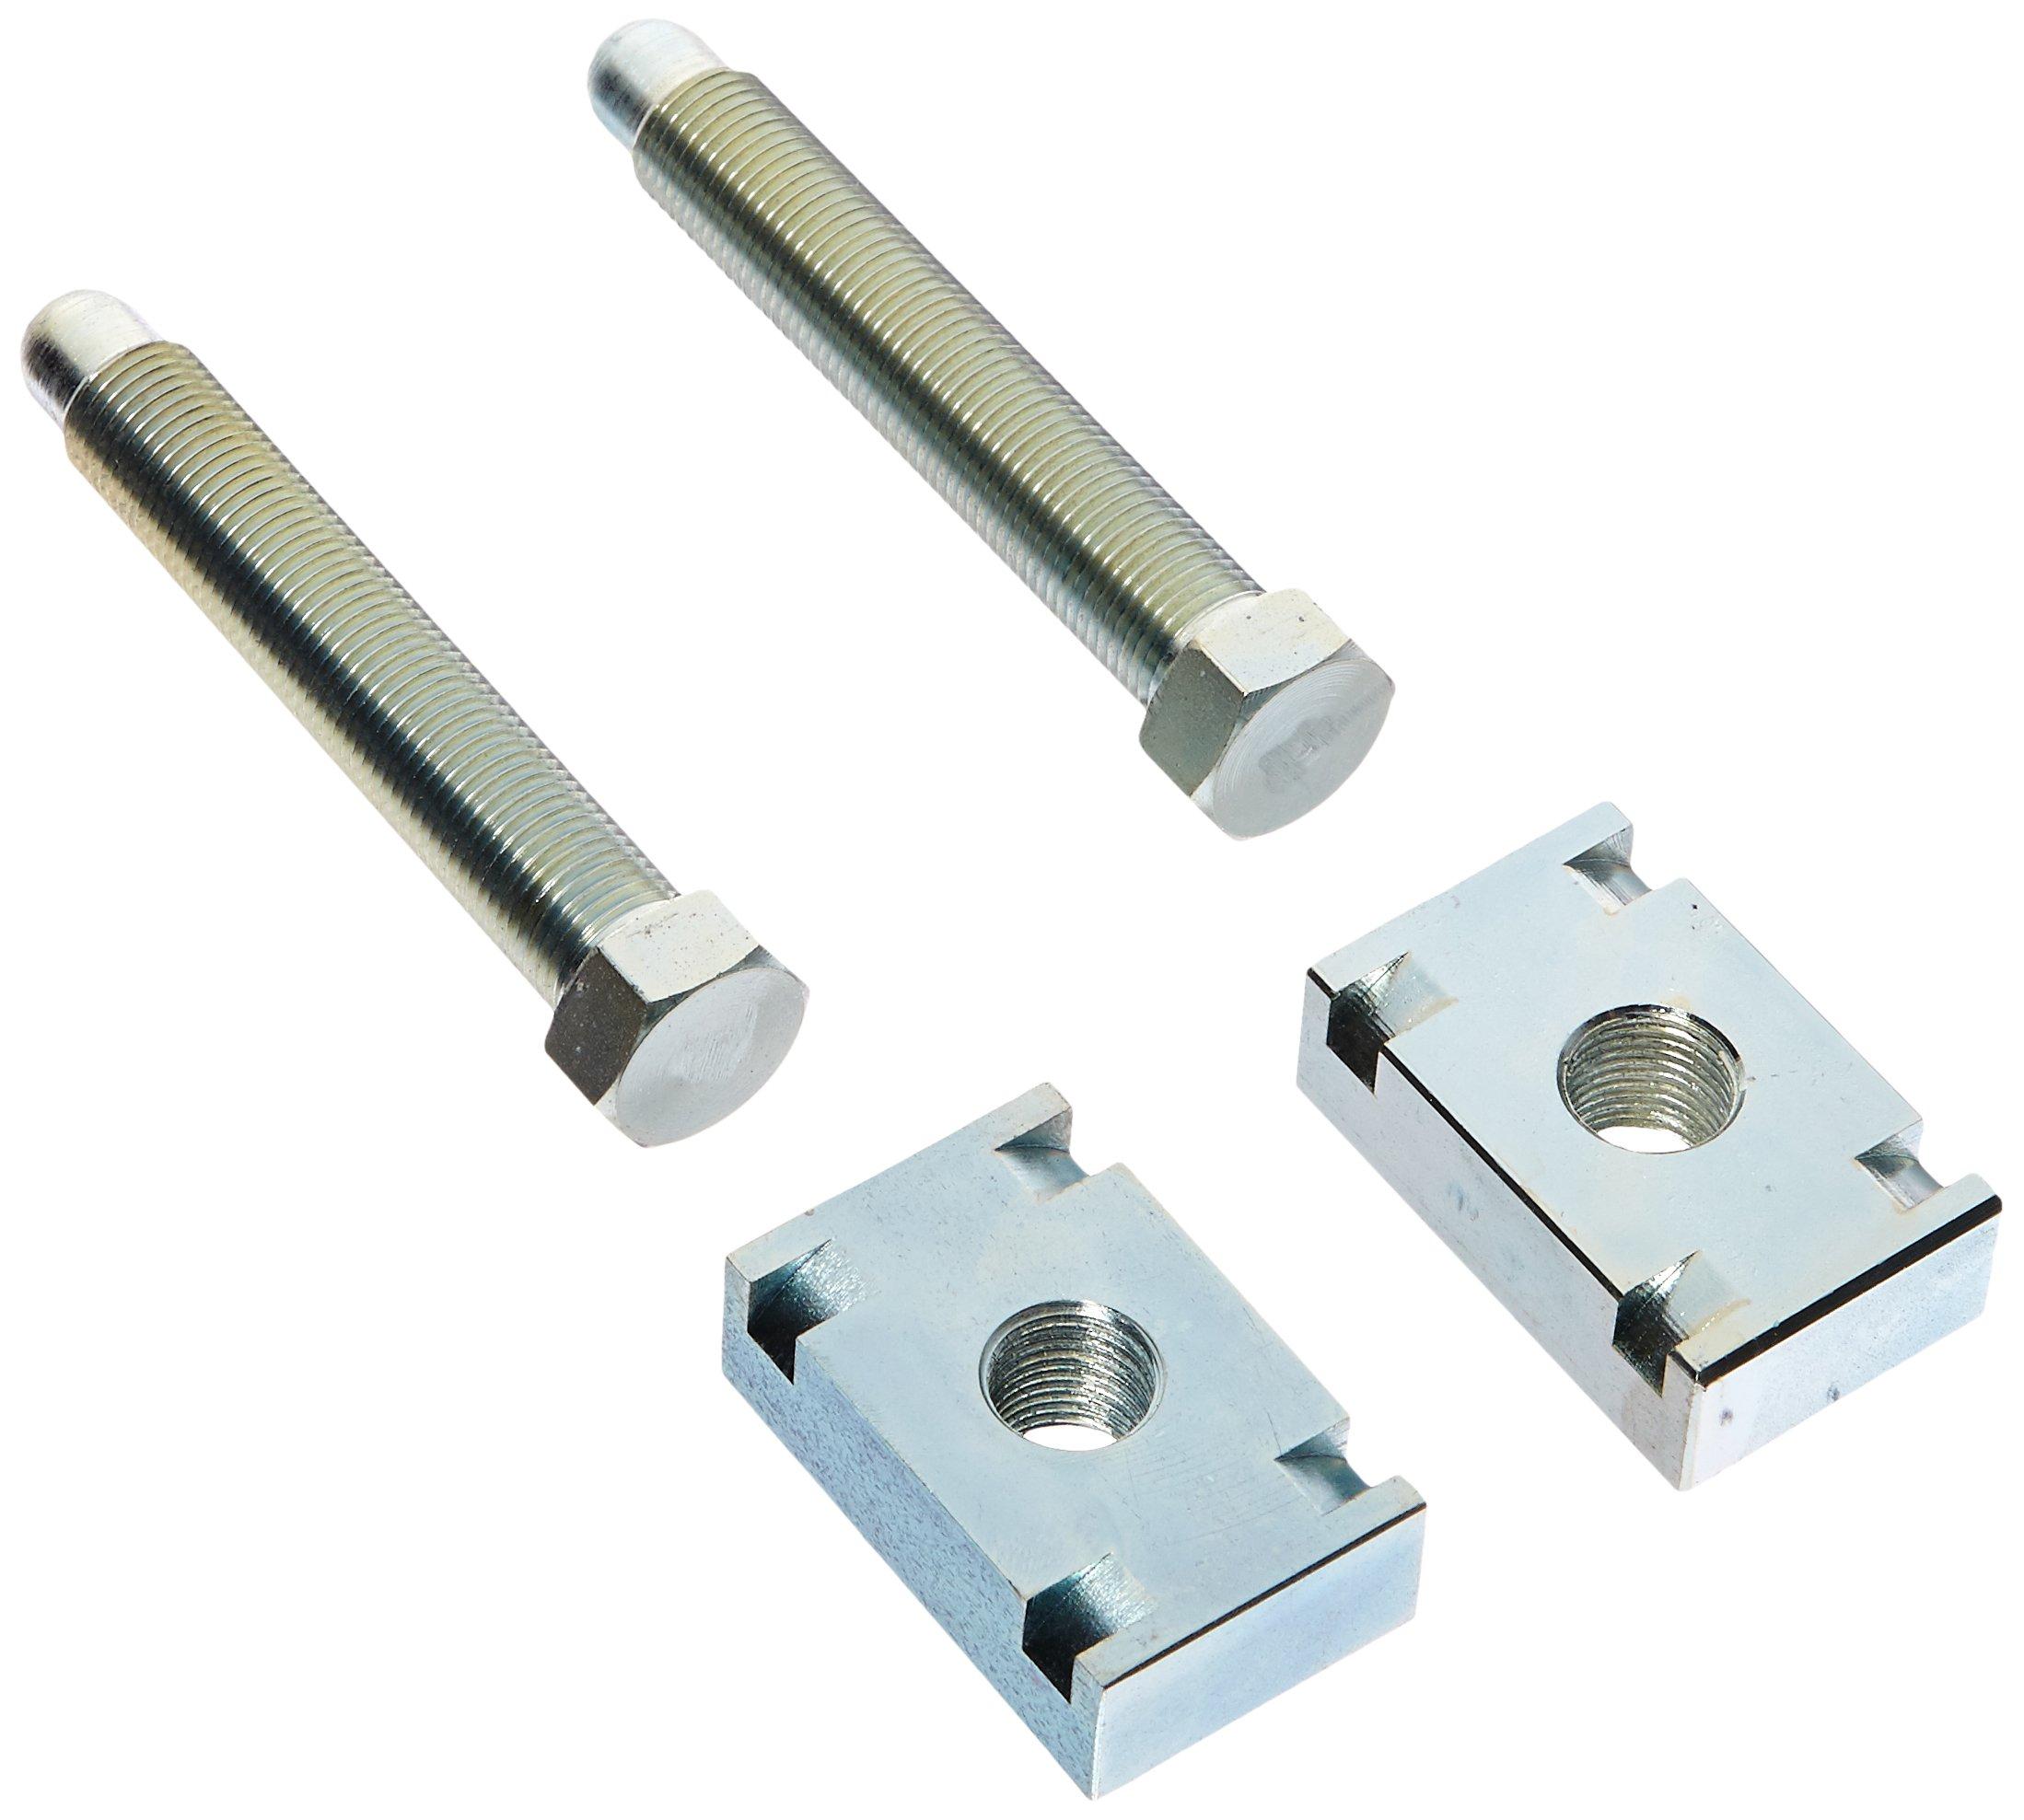 QA1 52360 Torsion Bar Adjuster Kit by QA1